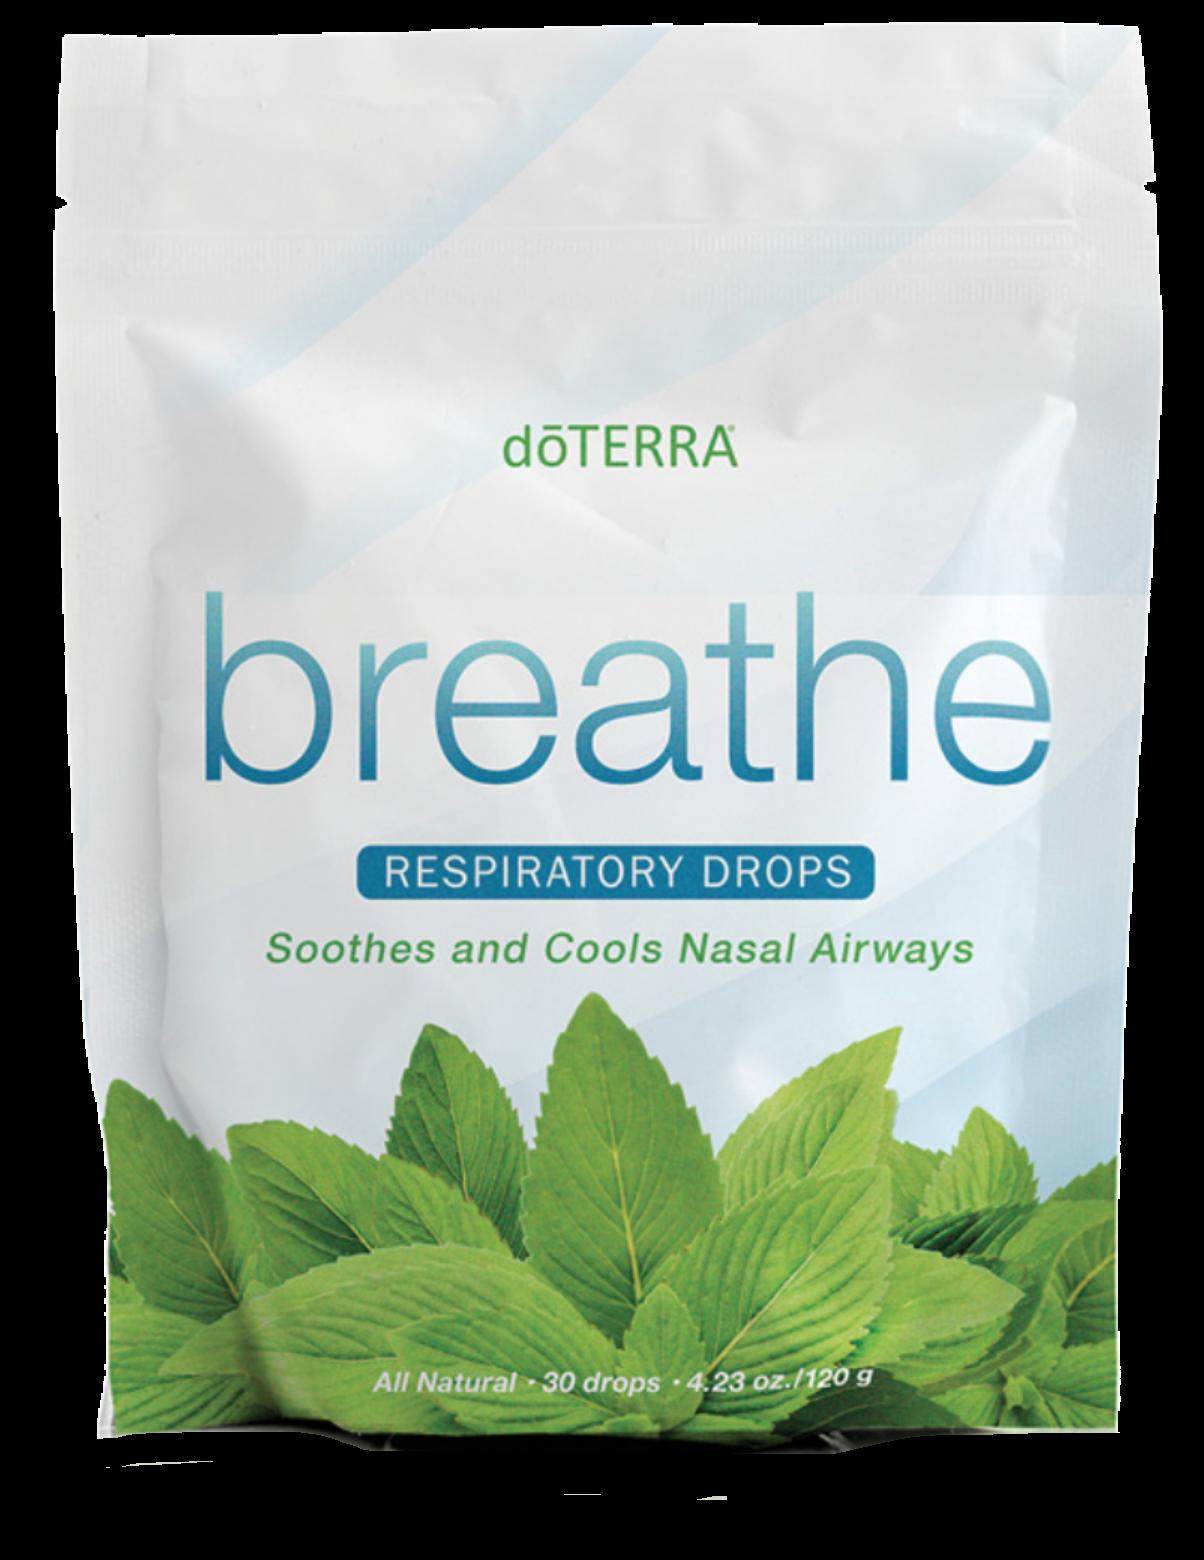 breathedrops